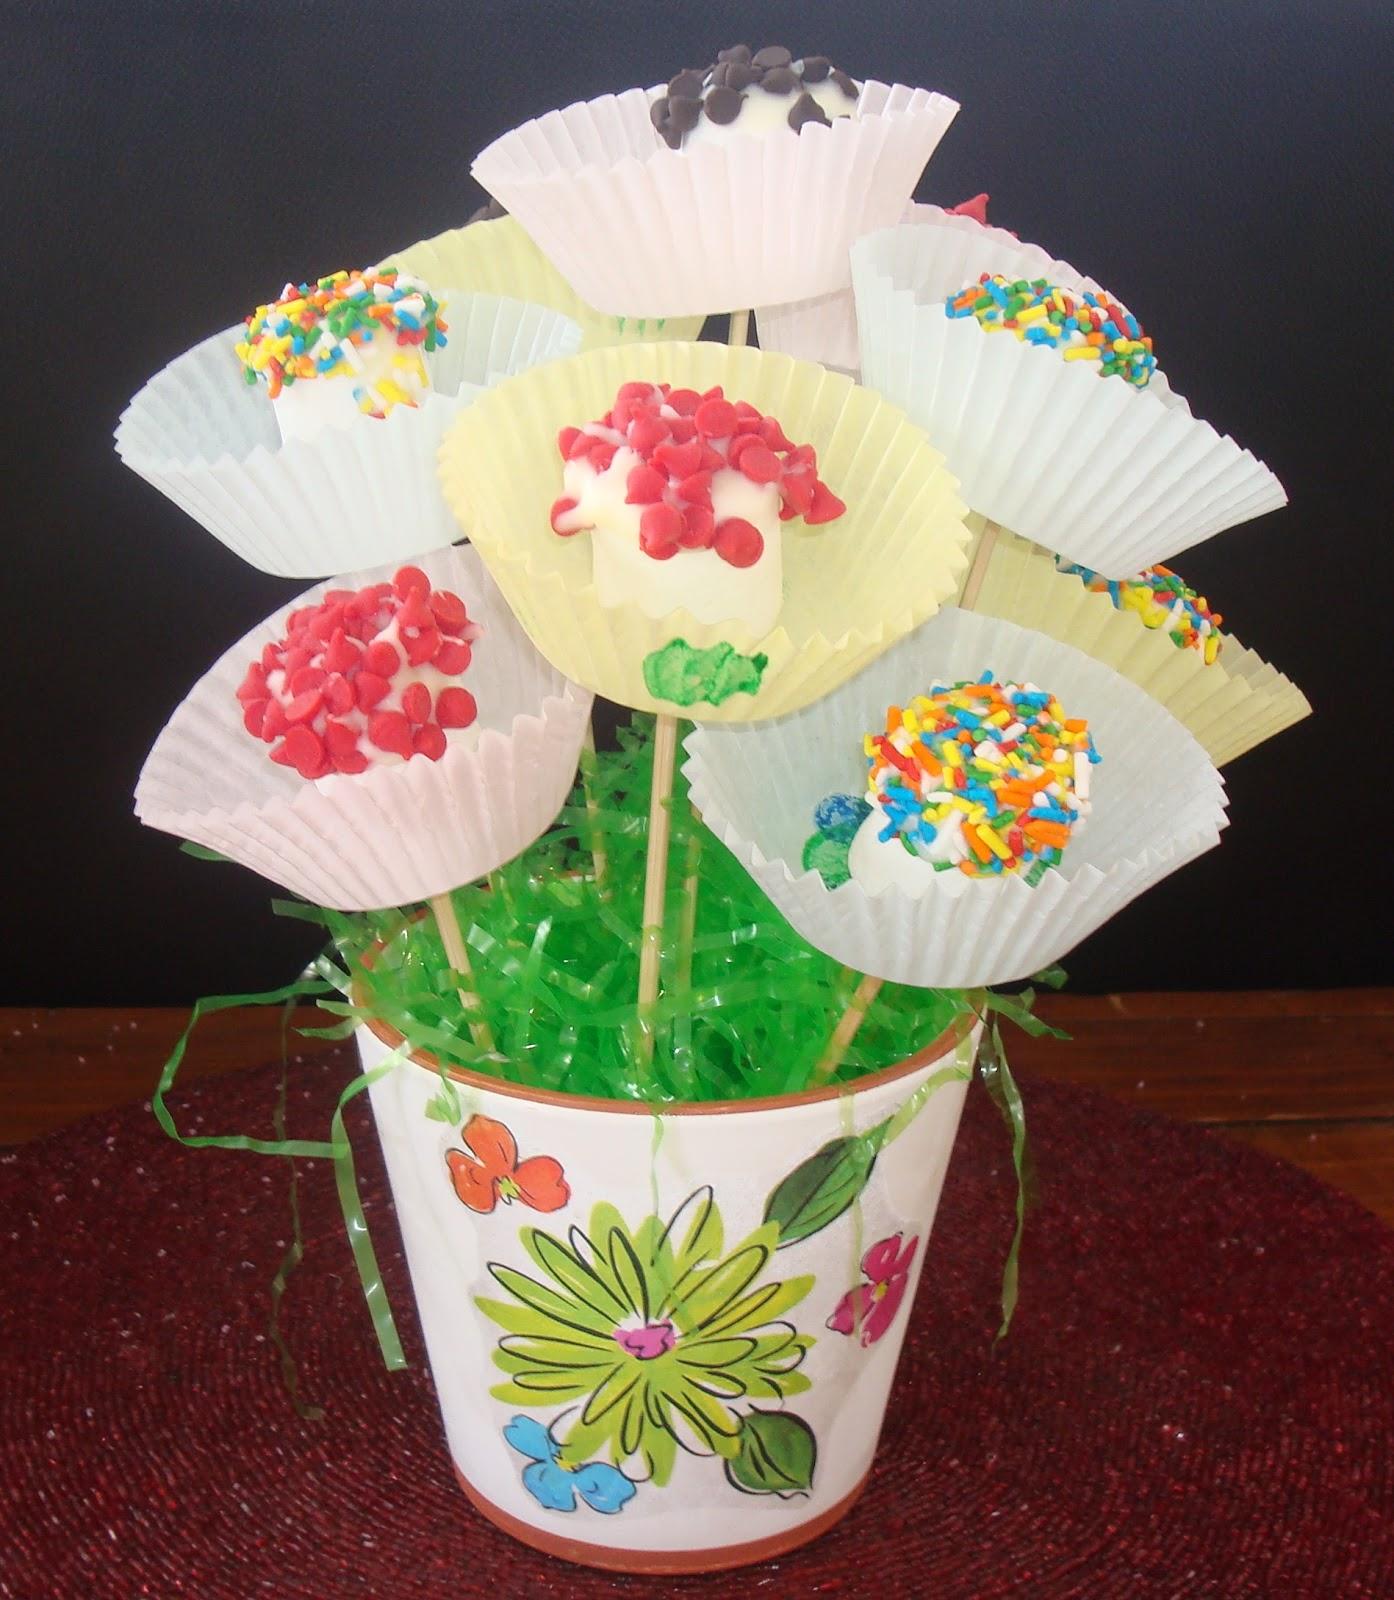 LoveNLoot: Marshmallow Treats - Flower Bouquet Take Two!